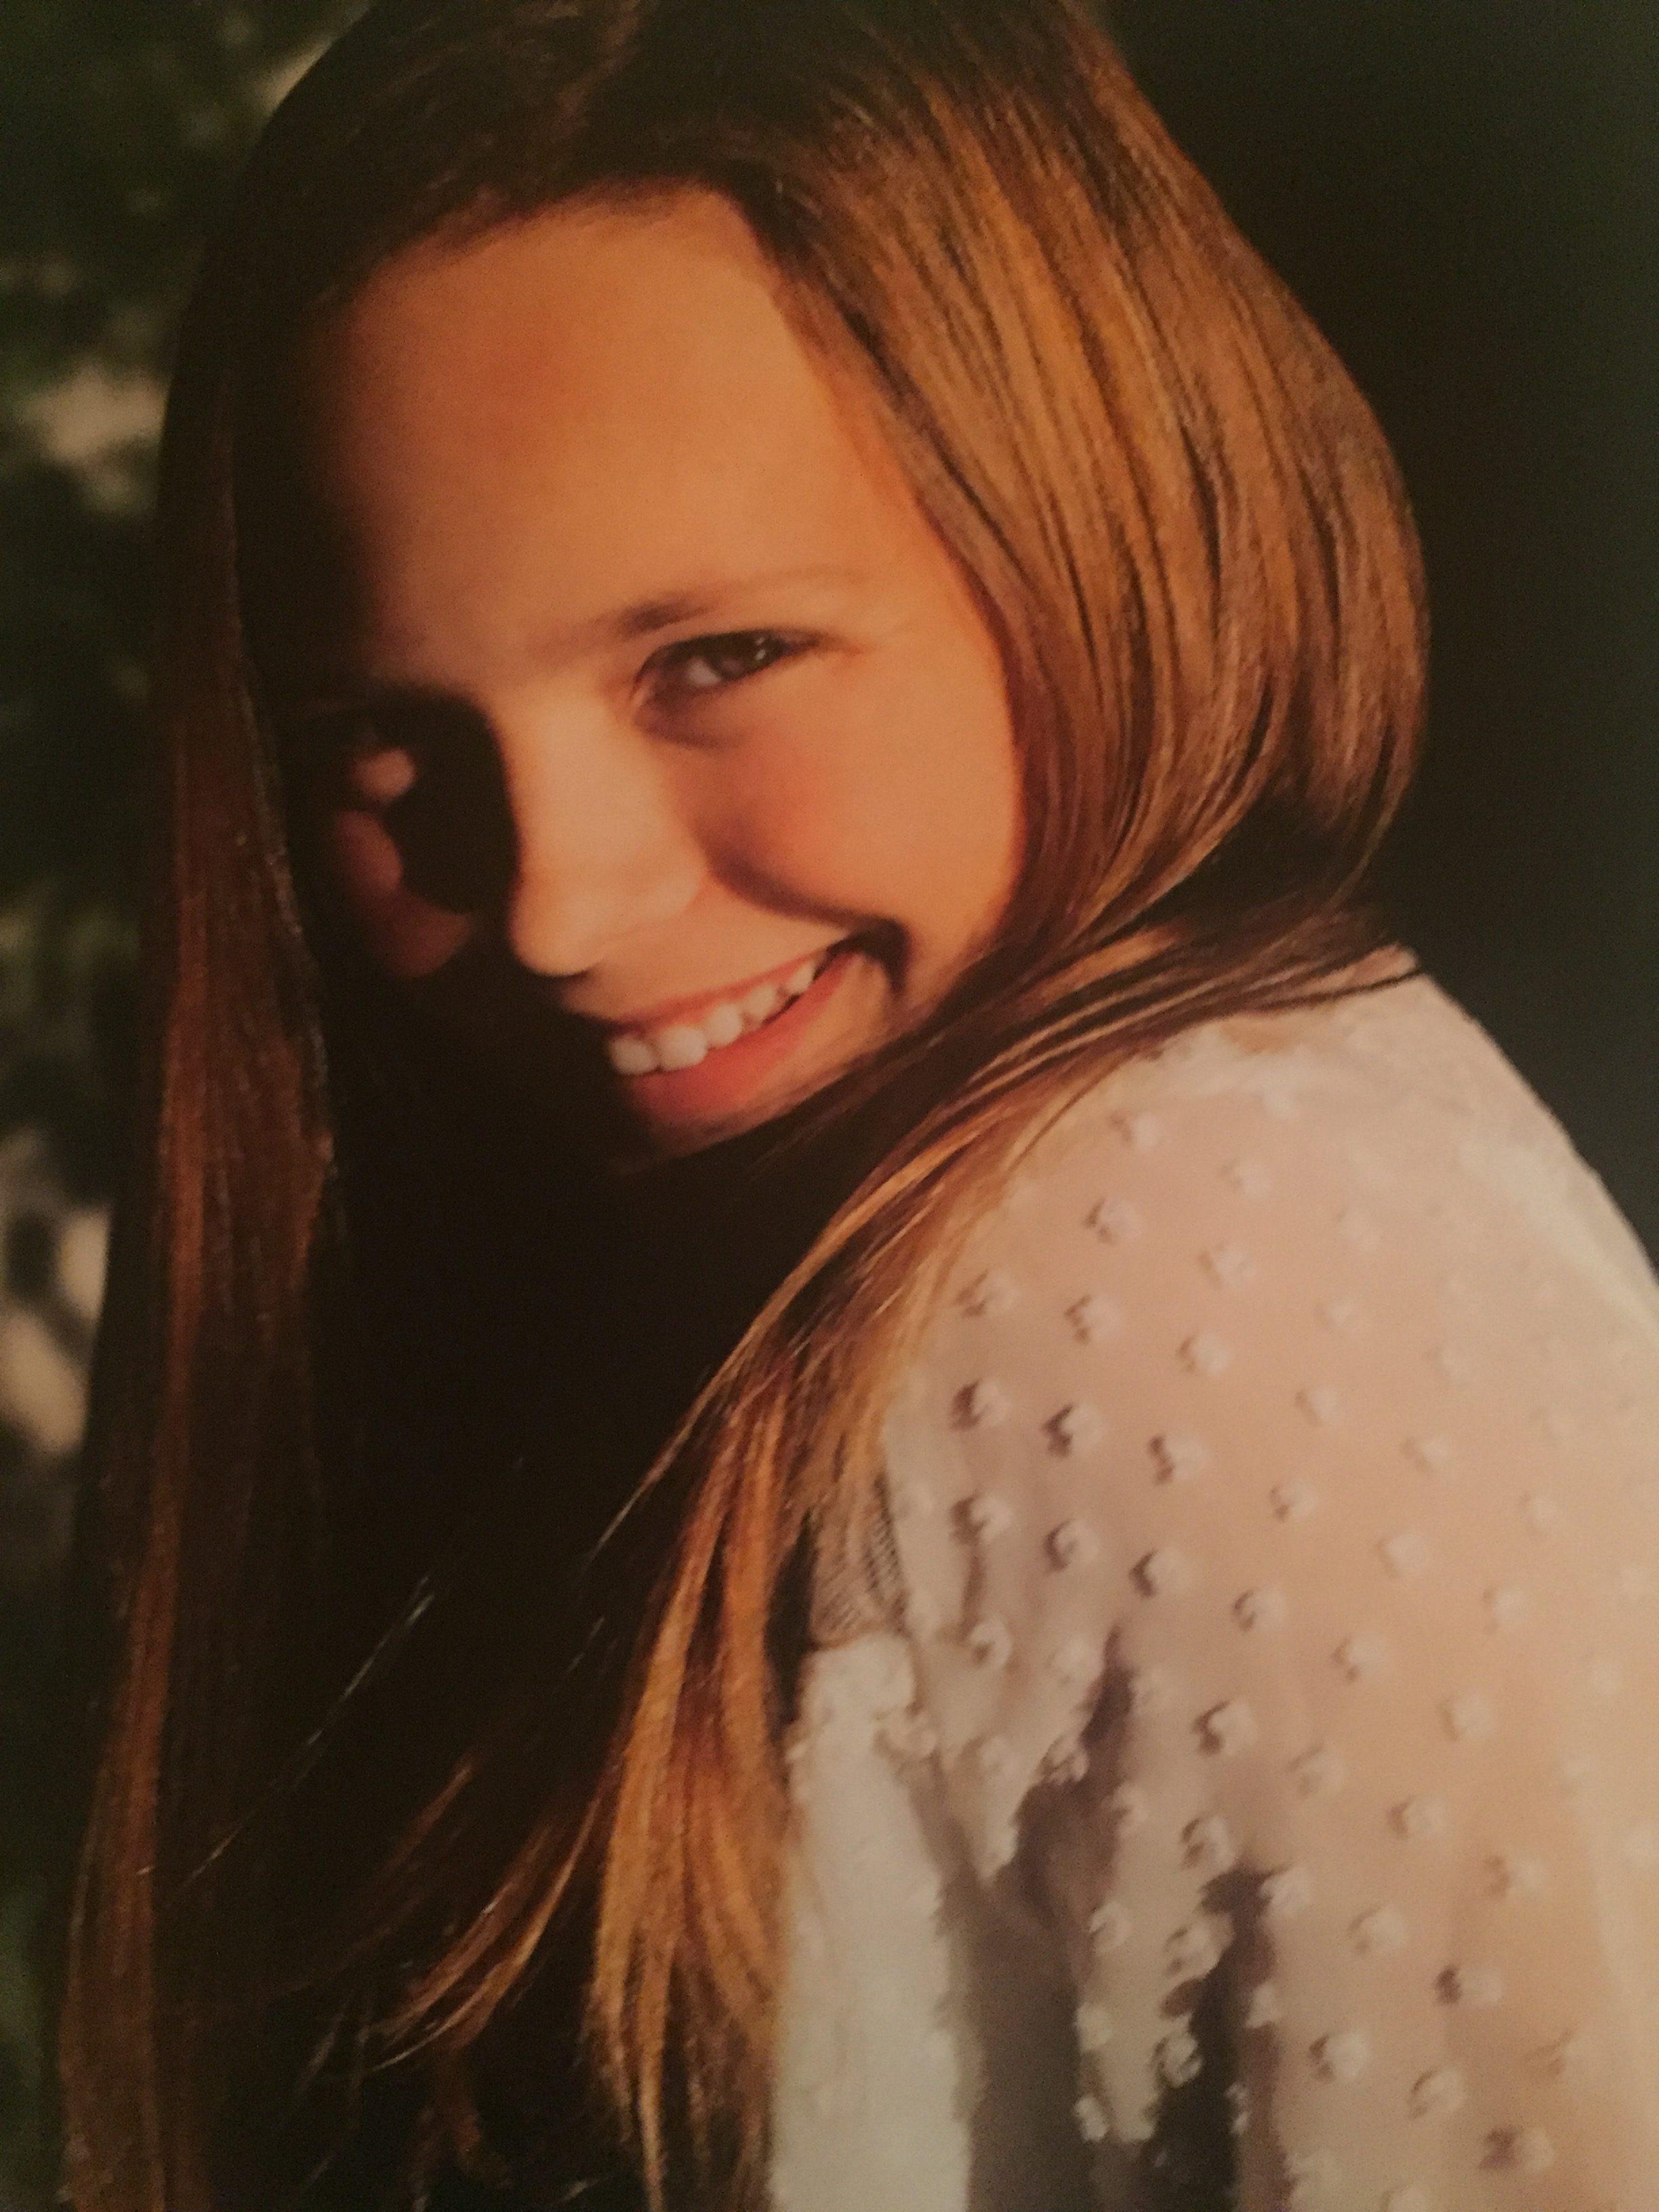 Student Spotlight: Chloe L.